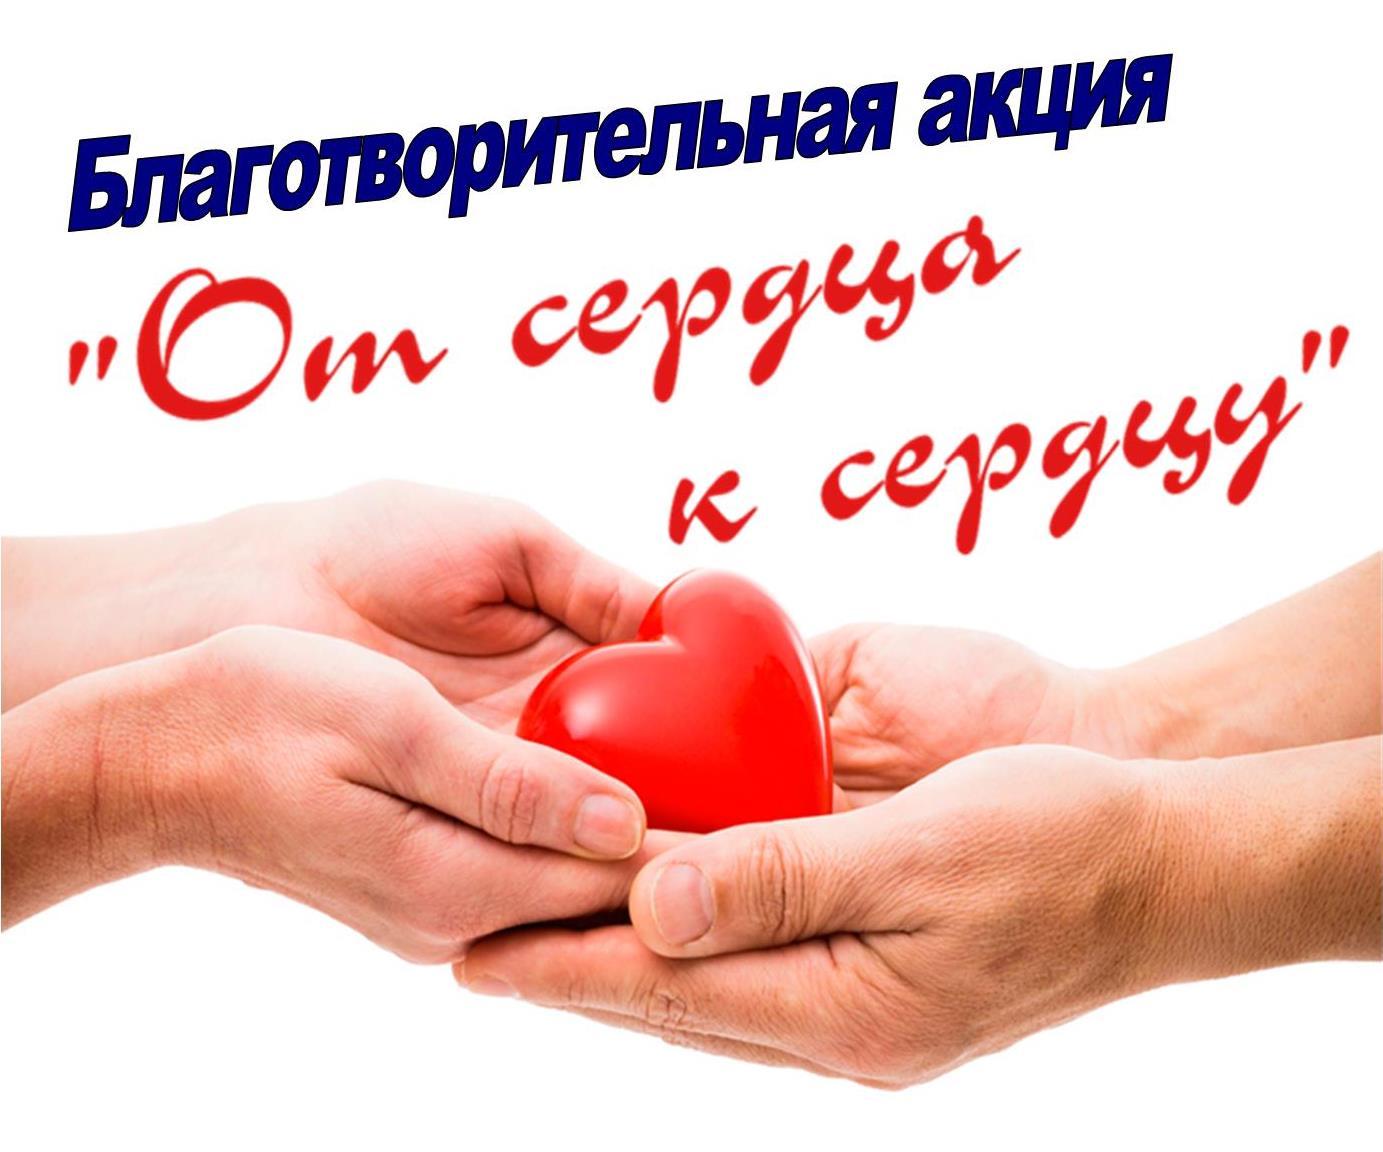 """Благотворительная акция """"От сердца к сердцу"""""""